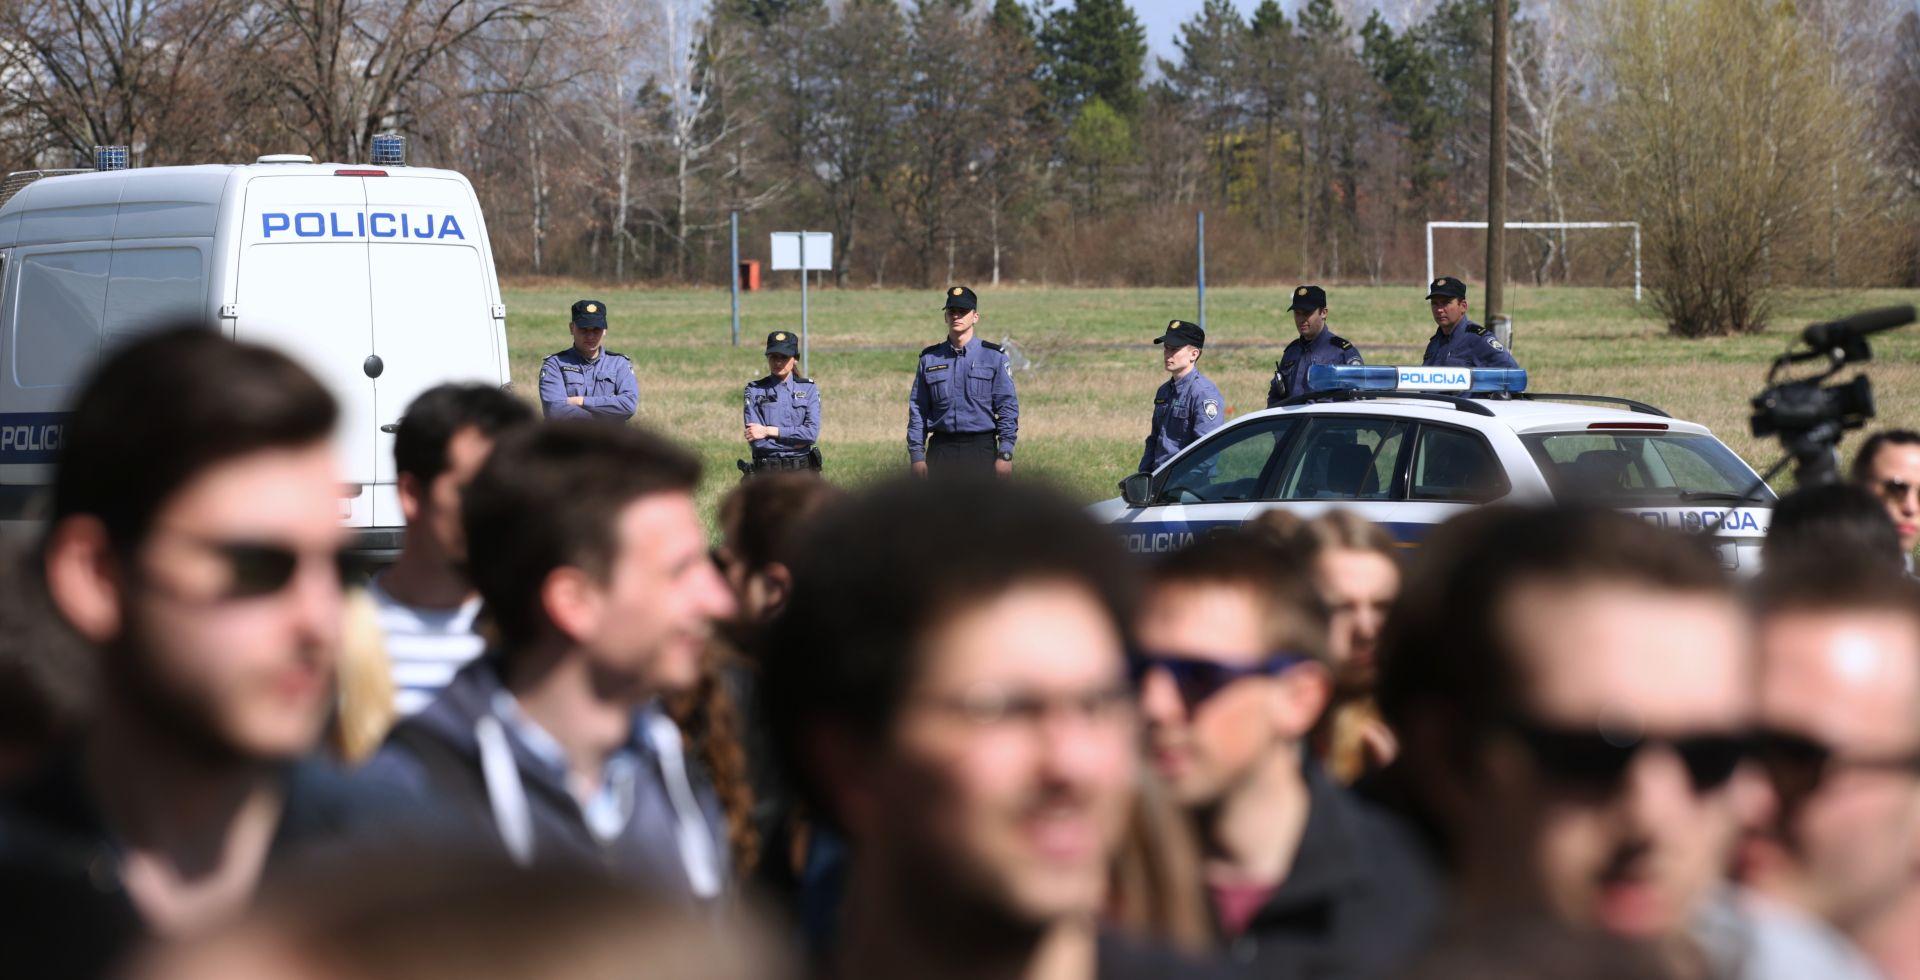 Studentski sabor Hrvatskih studija pokrenuo blokadu nastave, podržao ih Vrdoljak